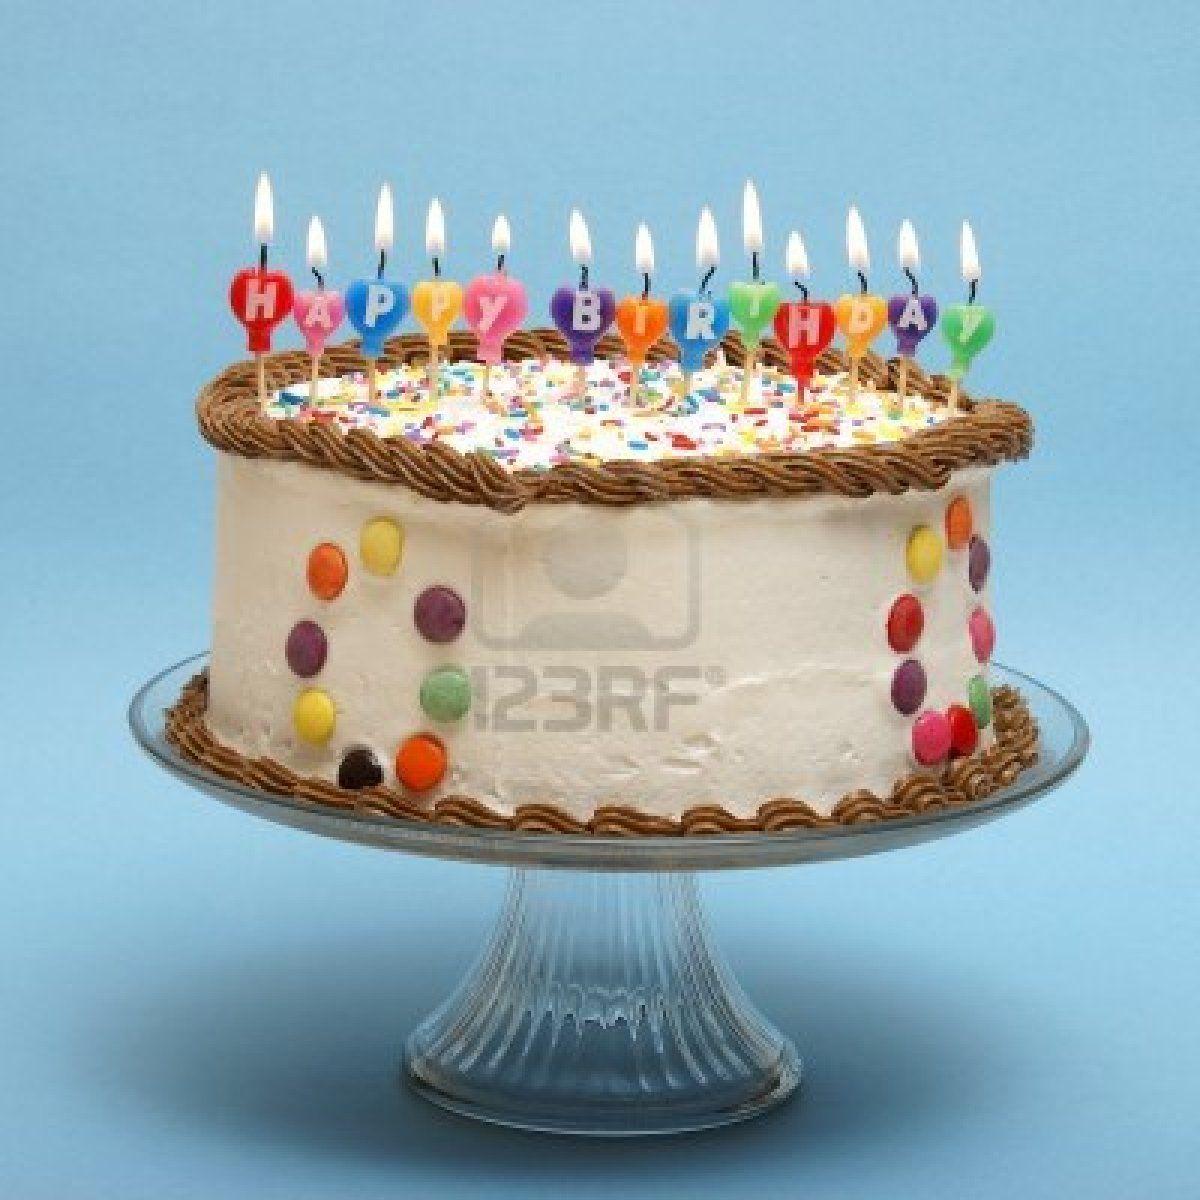 Ein Kuchen Und Kerzen, Die Alles Gute Zum Geburtstag Zu Lesen. Stockfoto    9779407